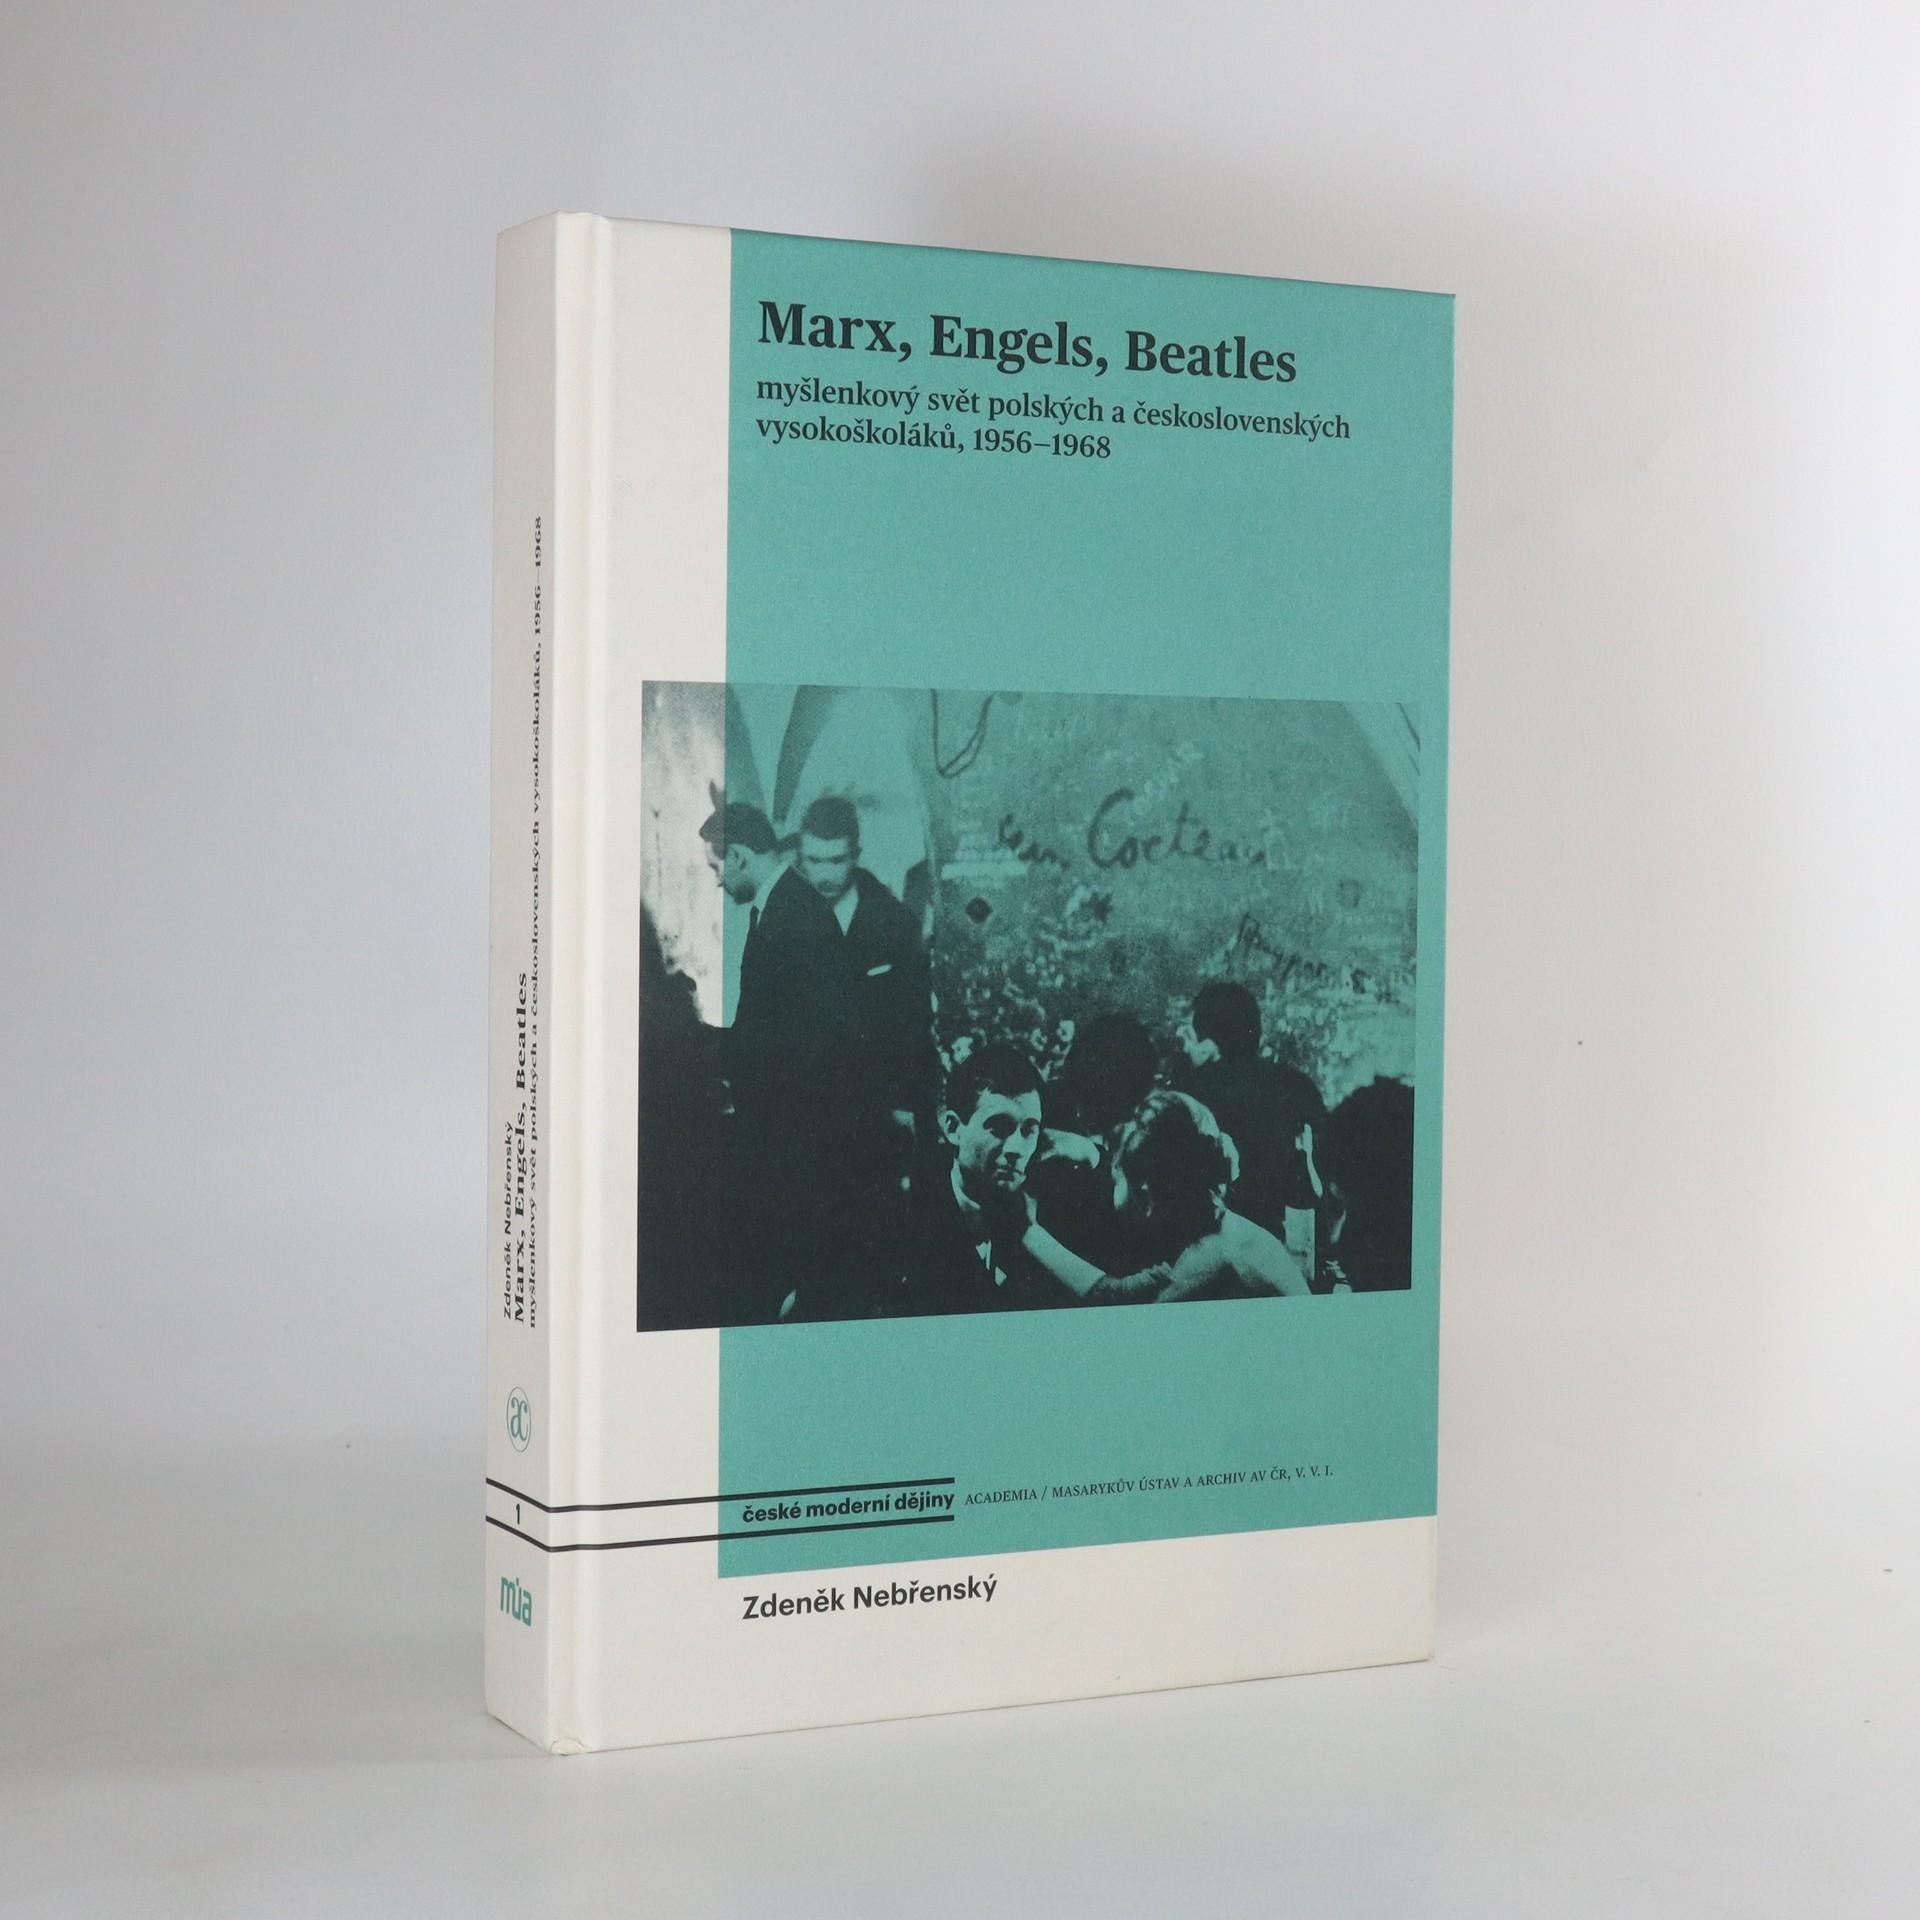 antikvární kniha Marx, Engels, Beatles, 2017